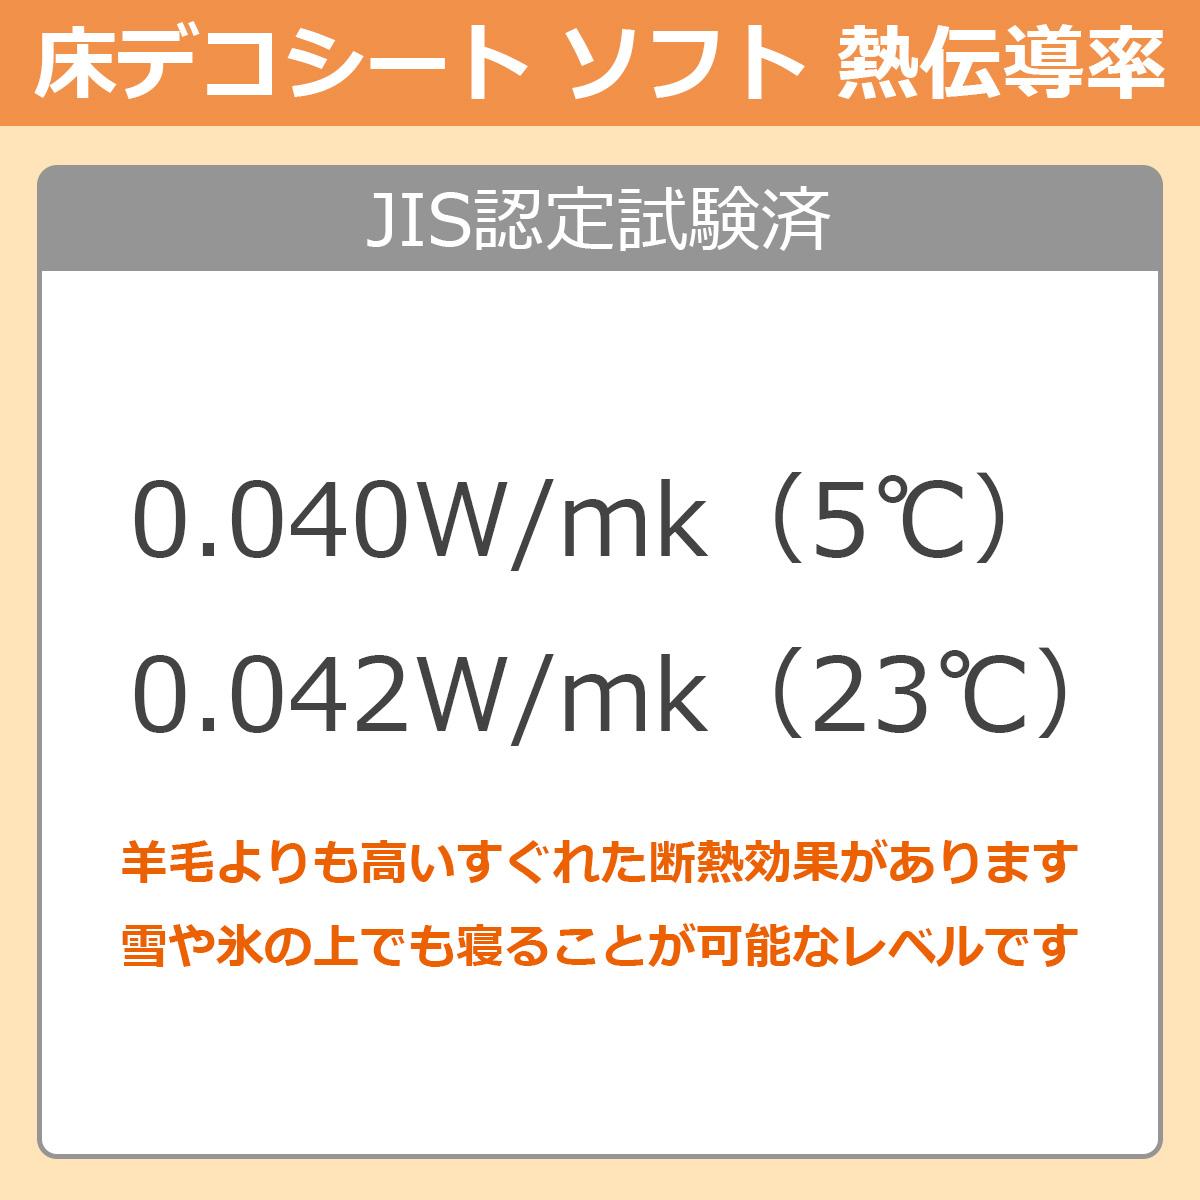 床デコシート ソフト 熱伝導率